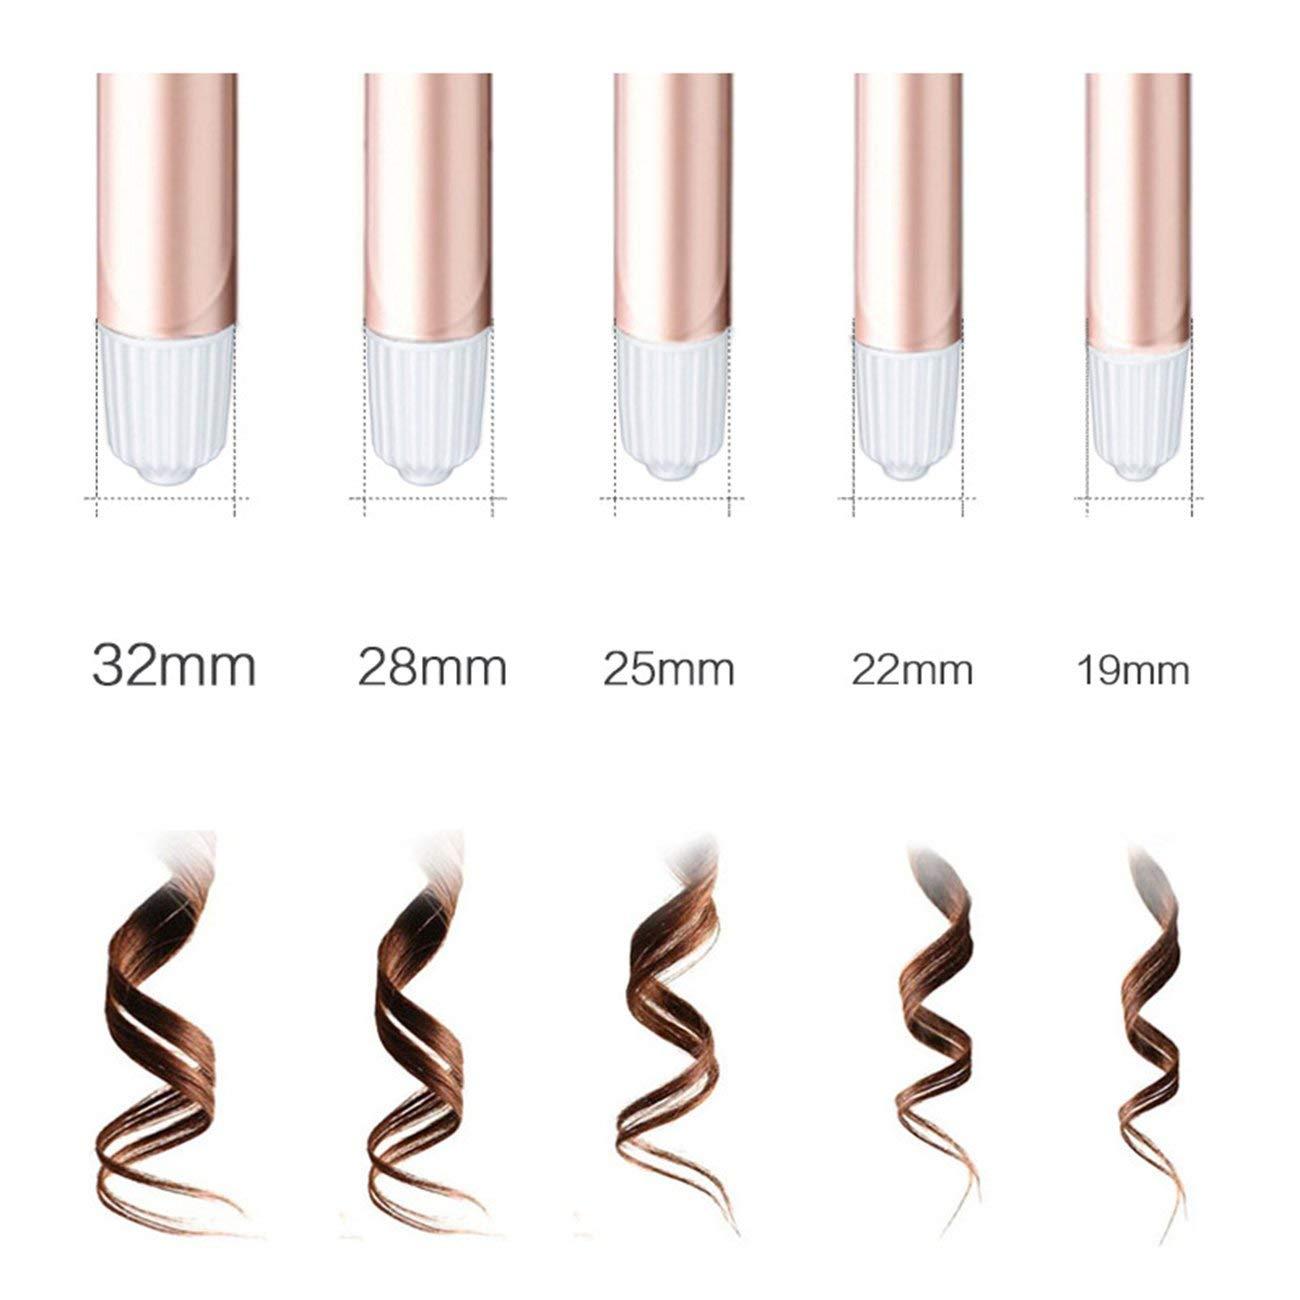 Pantalla LCD digital mojado rodillo de pelo de cerámica eléctrico pelo rizado varita del rodillo: Amazon.es: Belleza